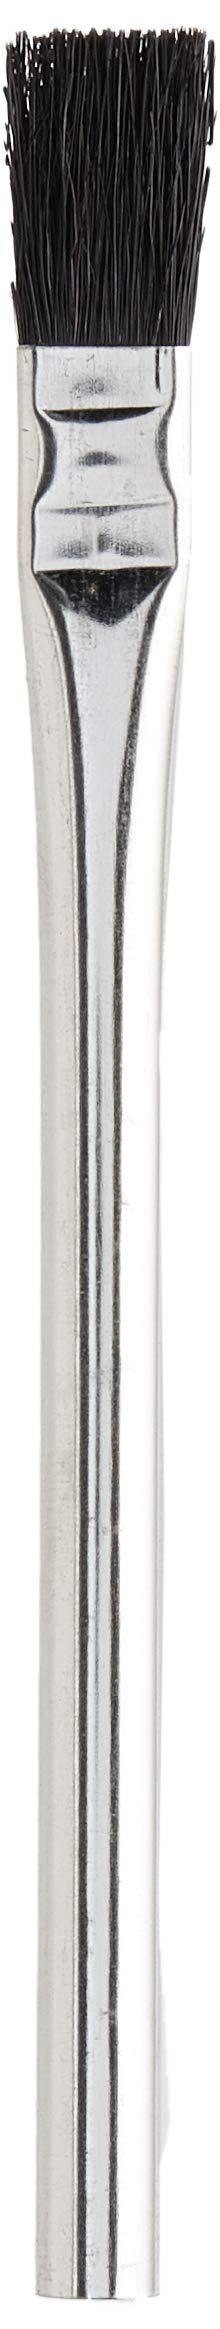 J.R. Edwards Tin Handle Brushes 6/Pkg-1/2